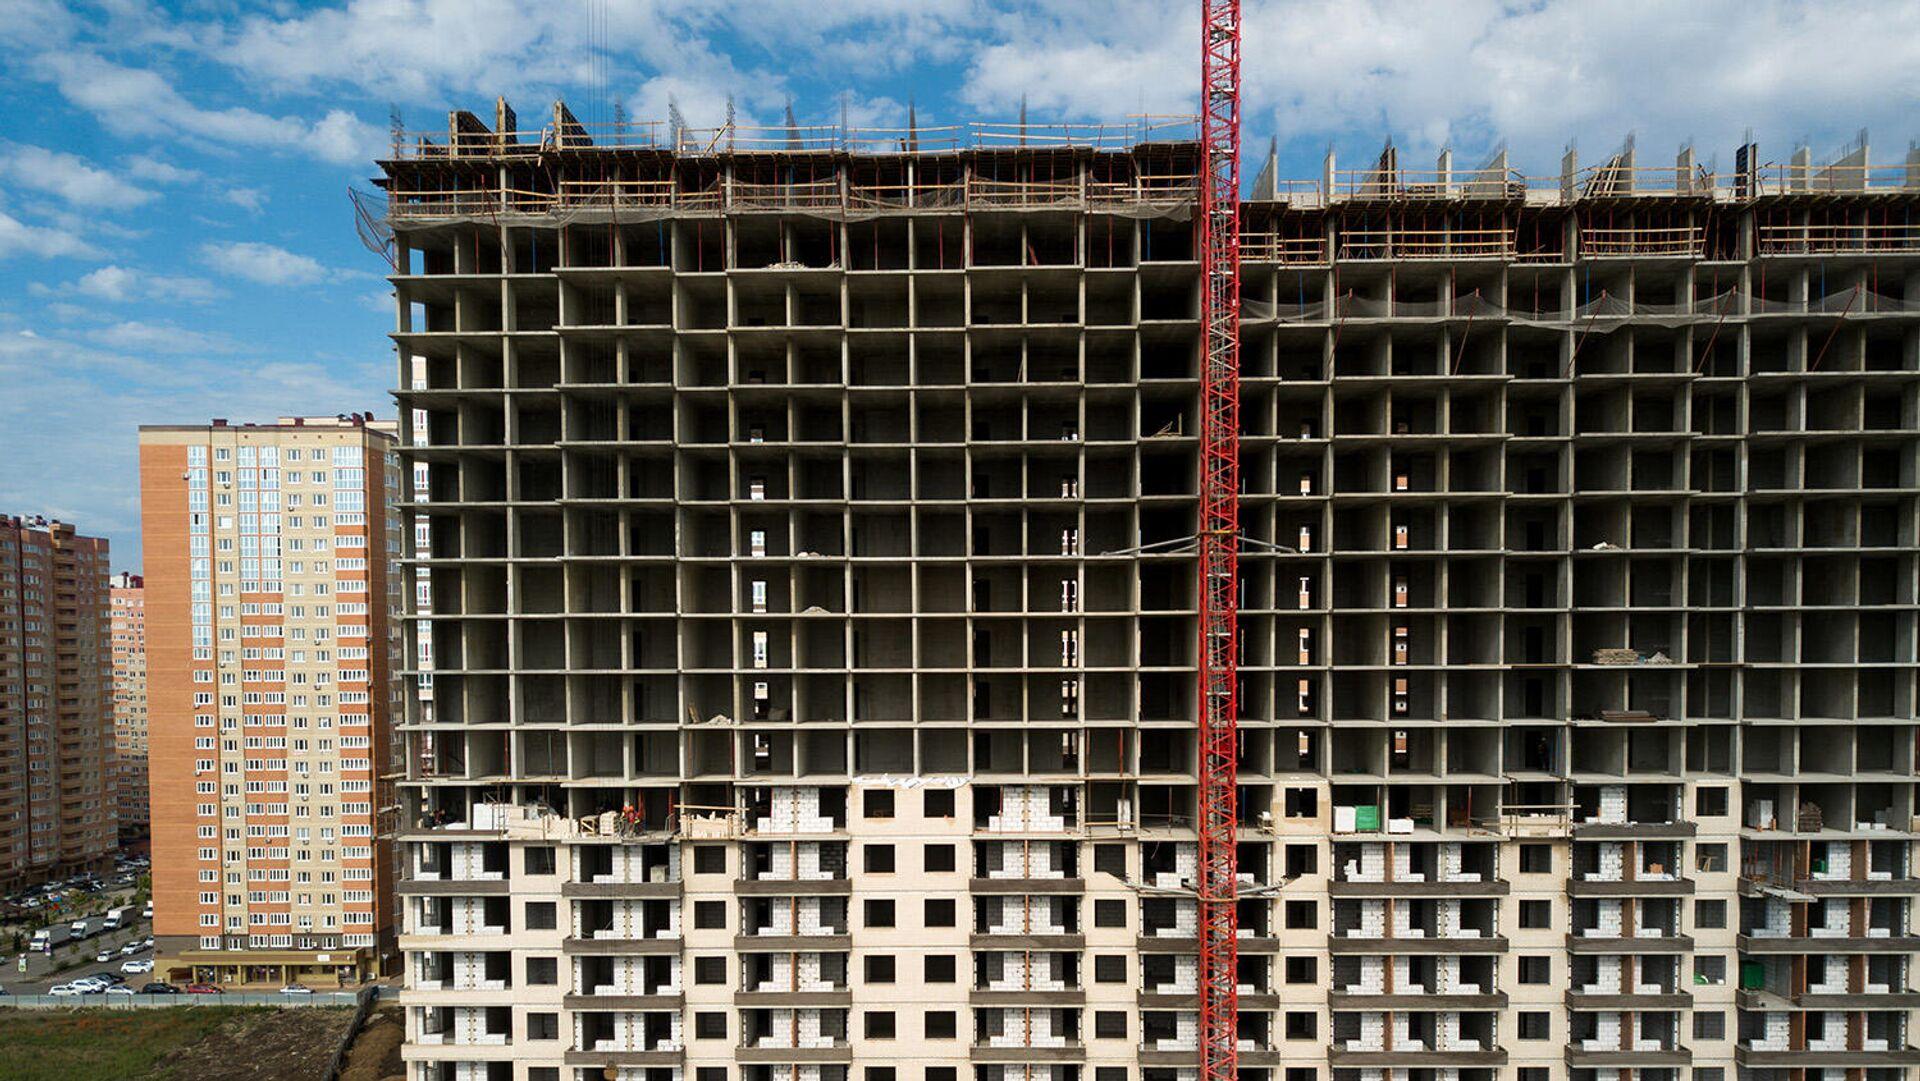 Строительство жилых домов - РИА Новости, 1920, 21.06.2021